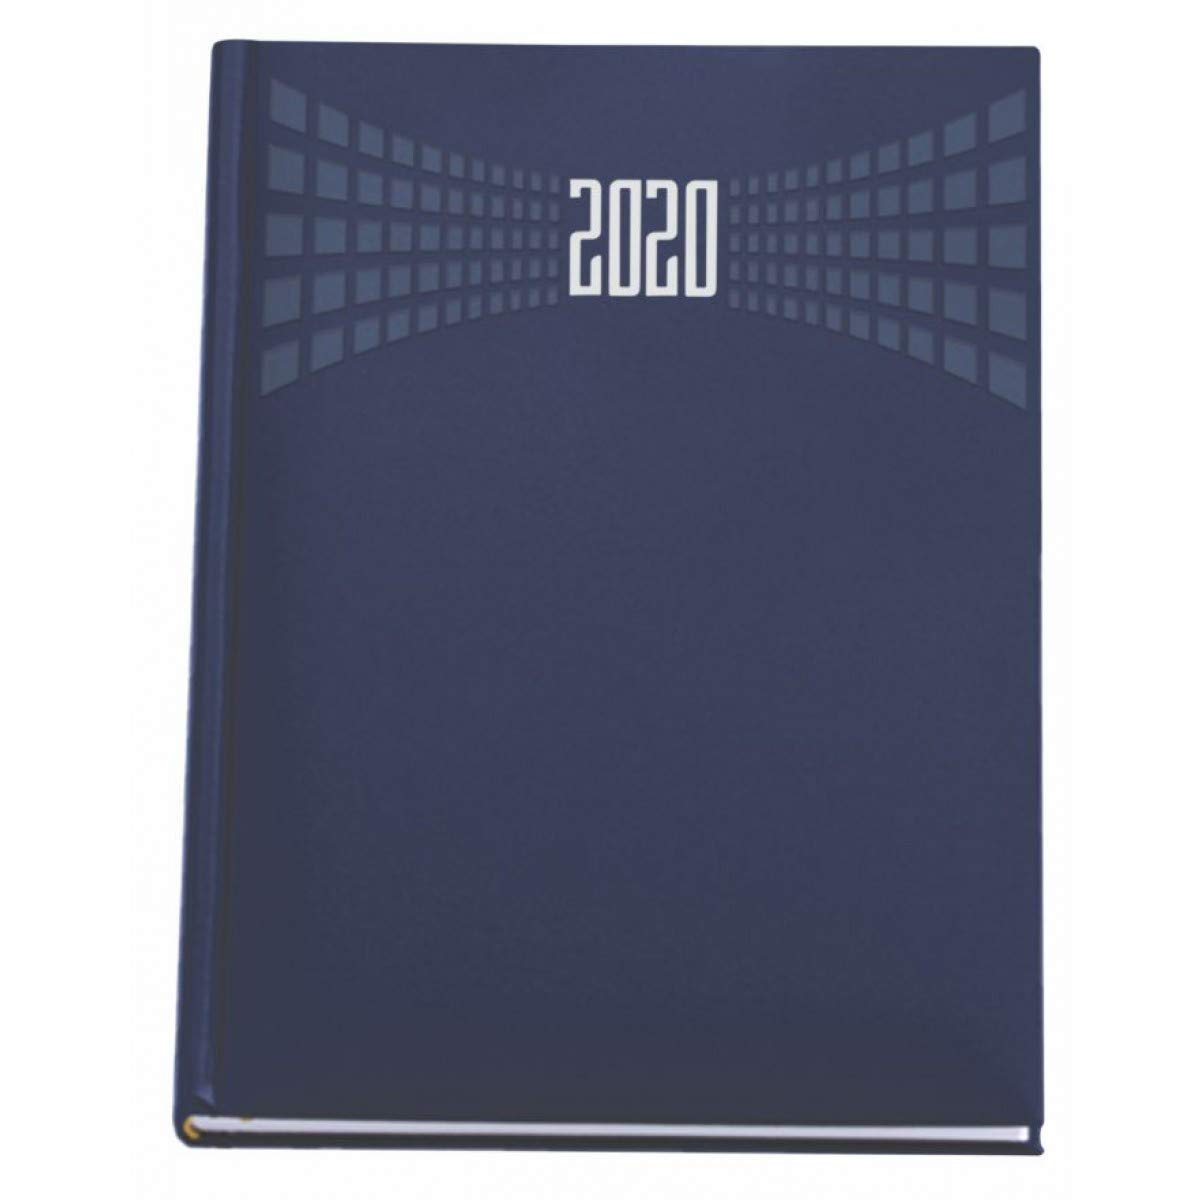 Grafilandia Agenda ristorante hotel libro prenotazioni 2020 similpelle 1 pz